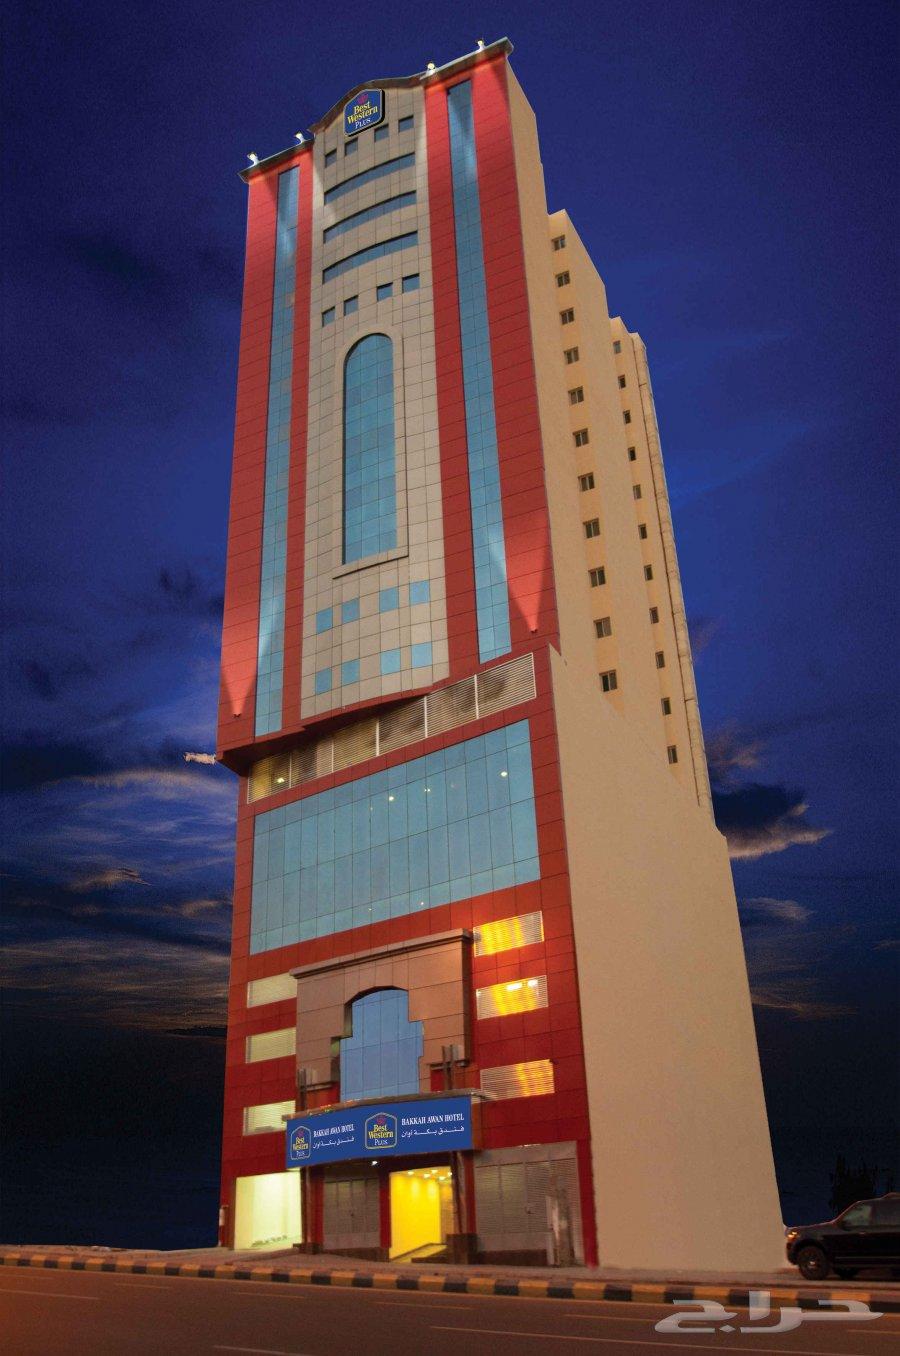 غرف للايجار في مكه.. لرمظان 1434 هـ في فندق 4 نجوم 51c55d32cd4cb